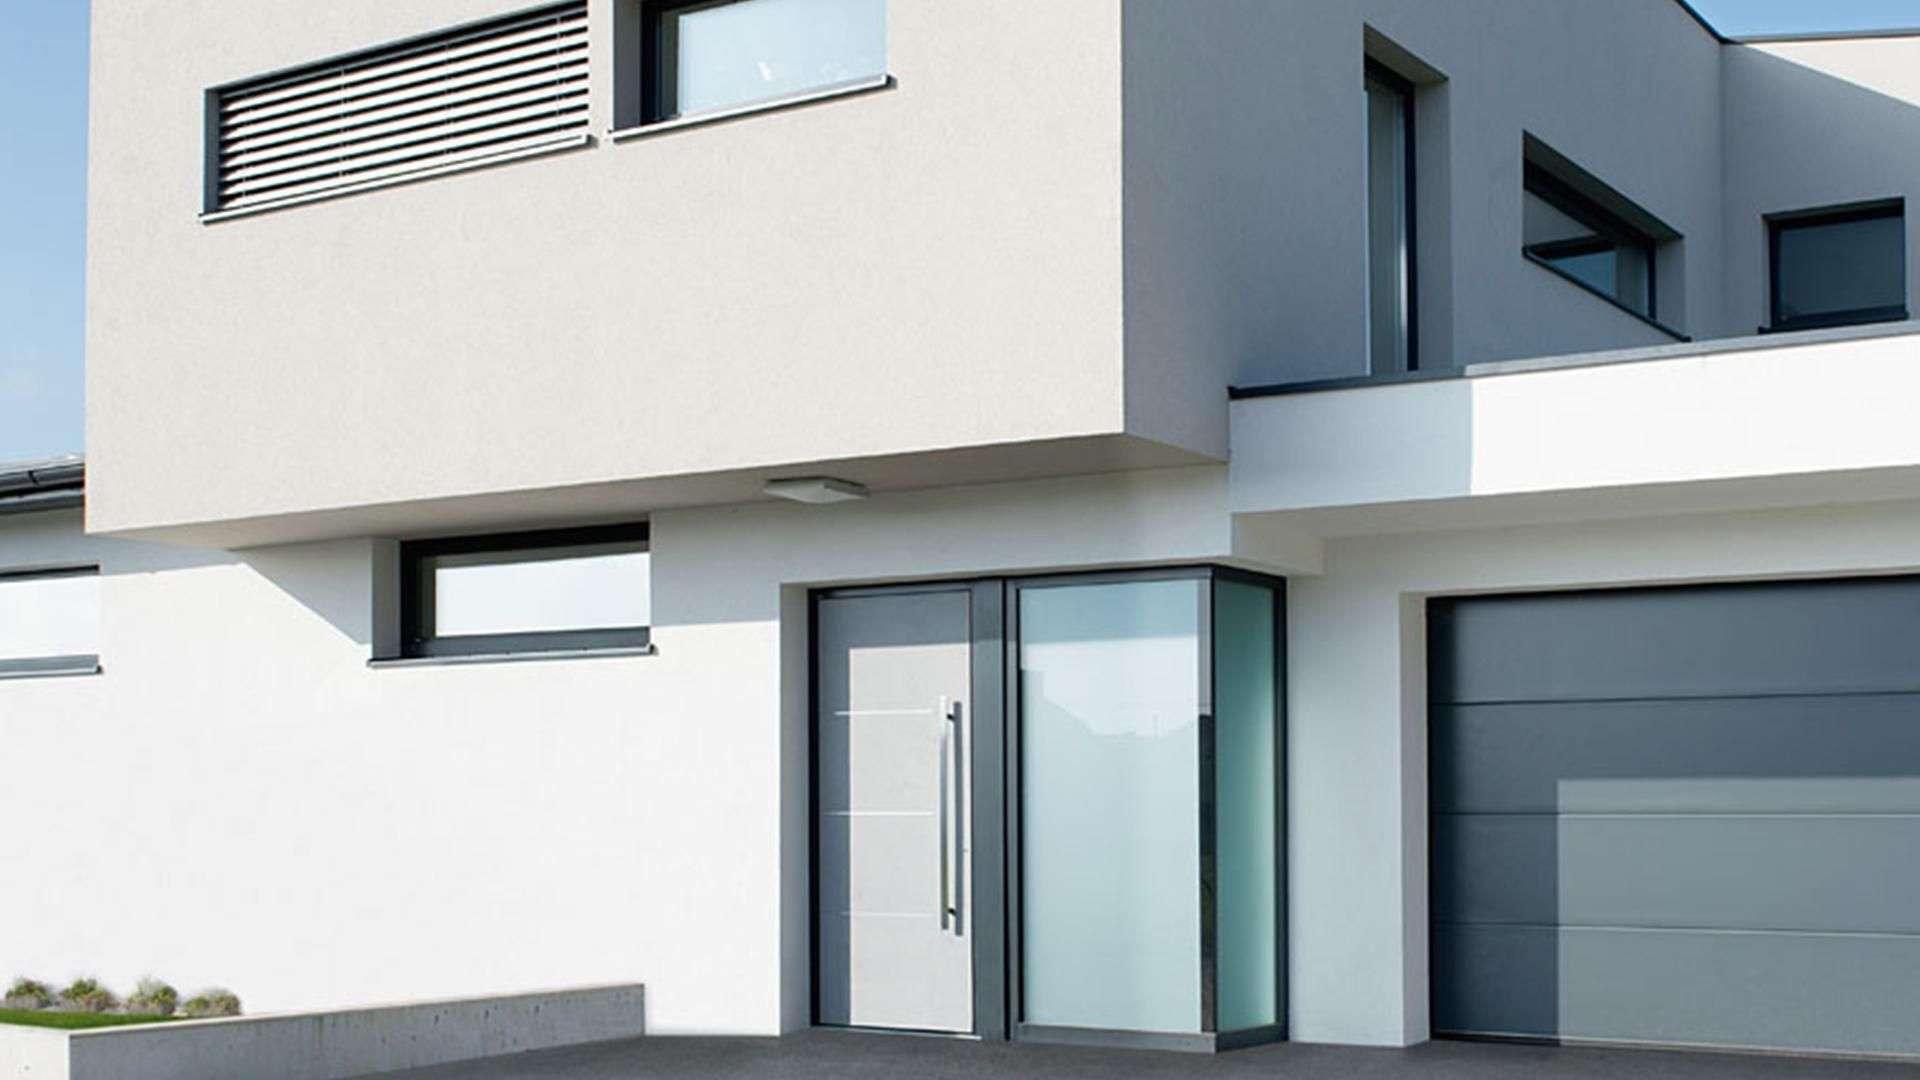 modernes Wohnhaus mit großen Fenstern